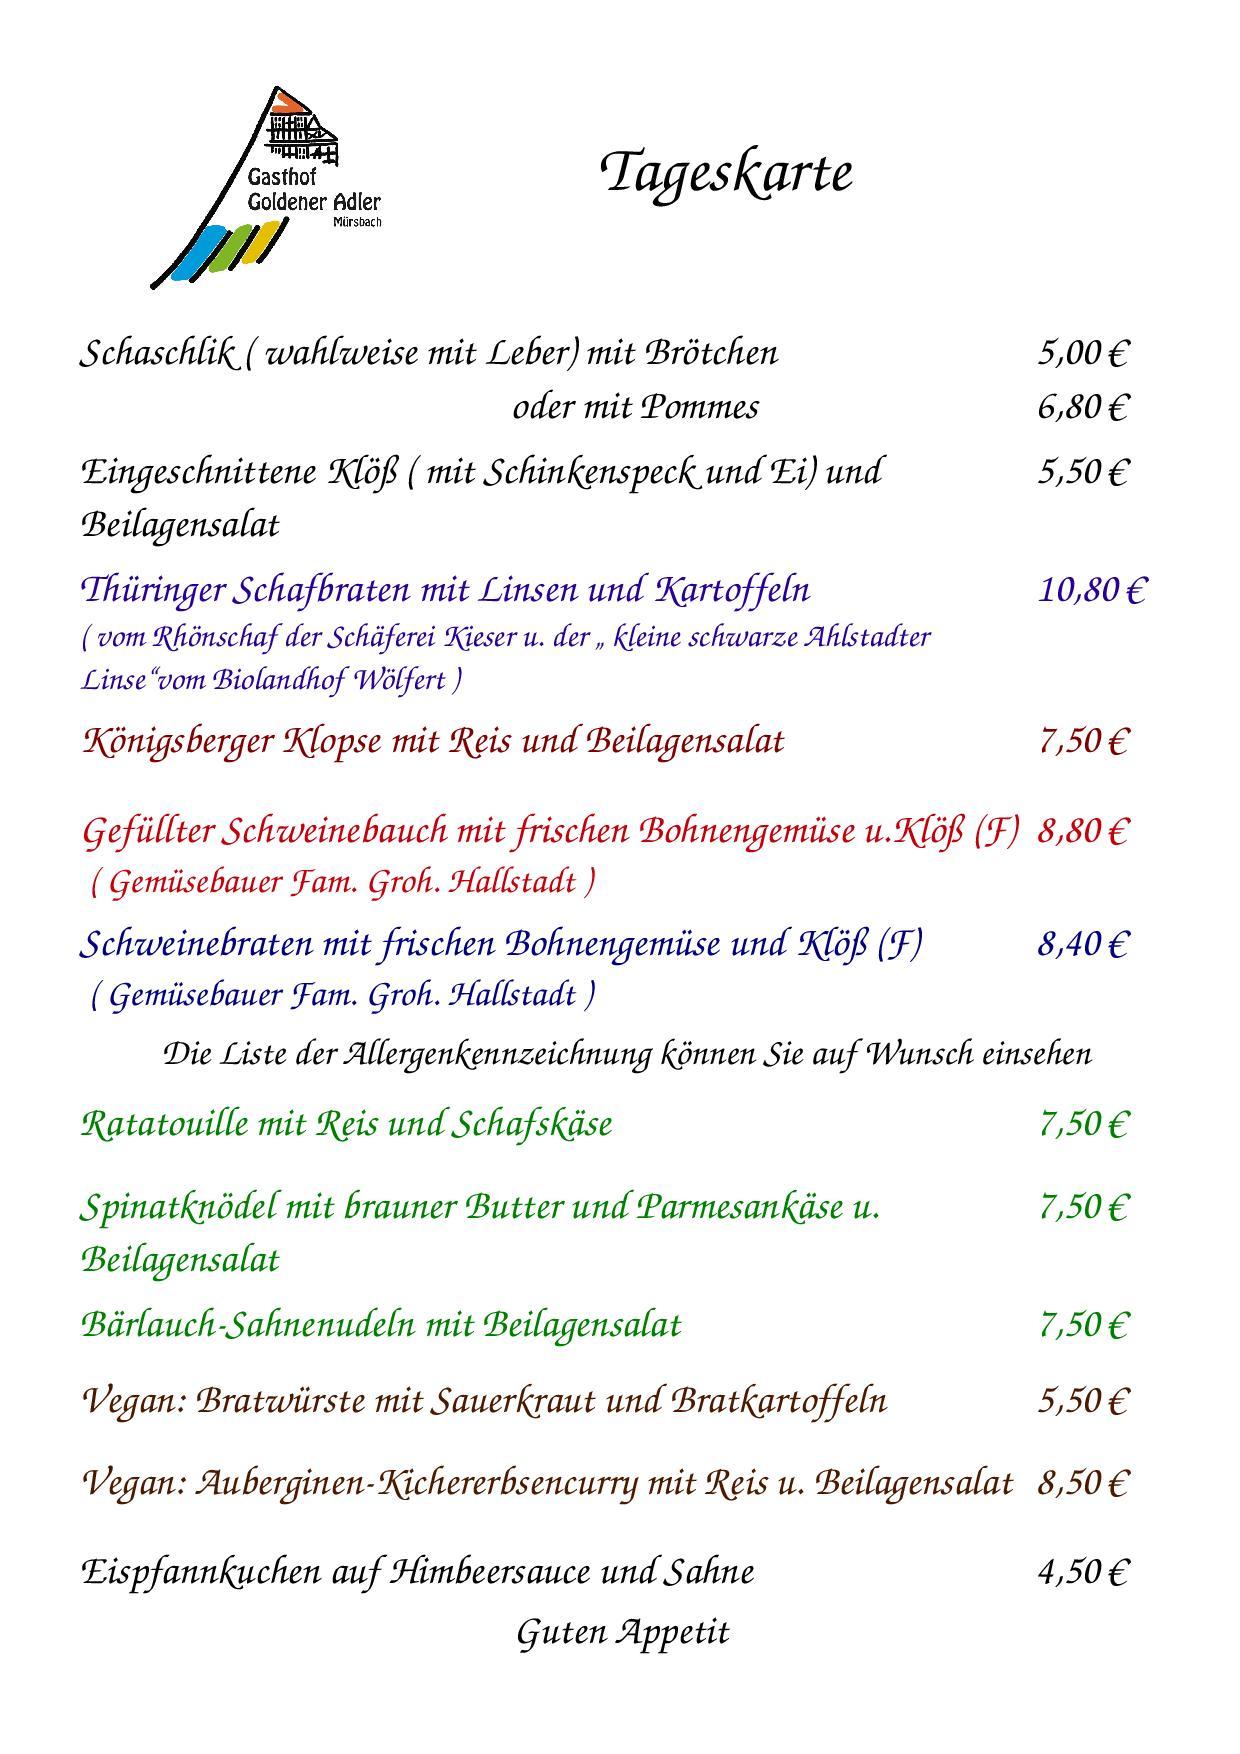 Speisekarte vom Donnerstag 7.09.2017